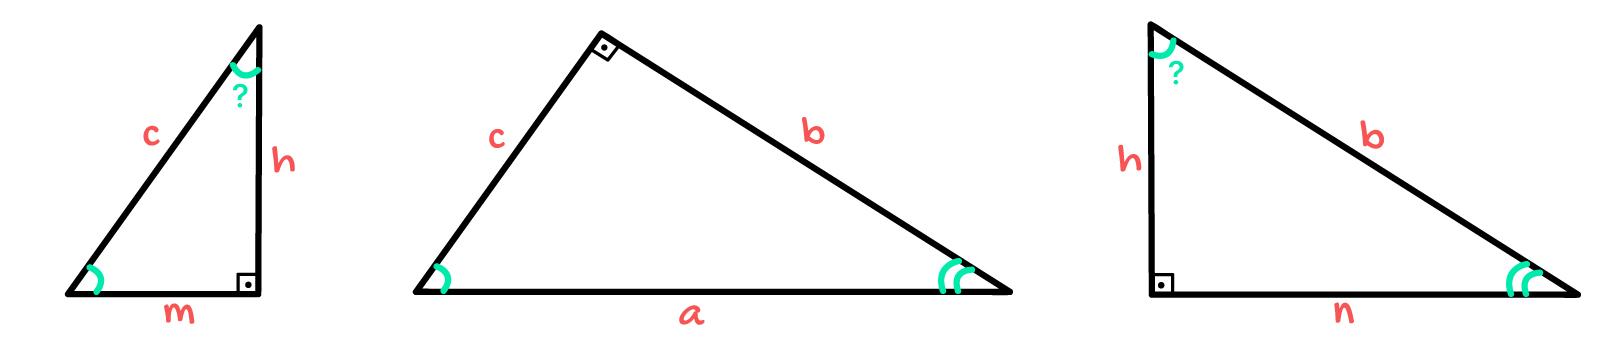 3 triângulos retângulos onde um ângulo é desconhecido